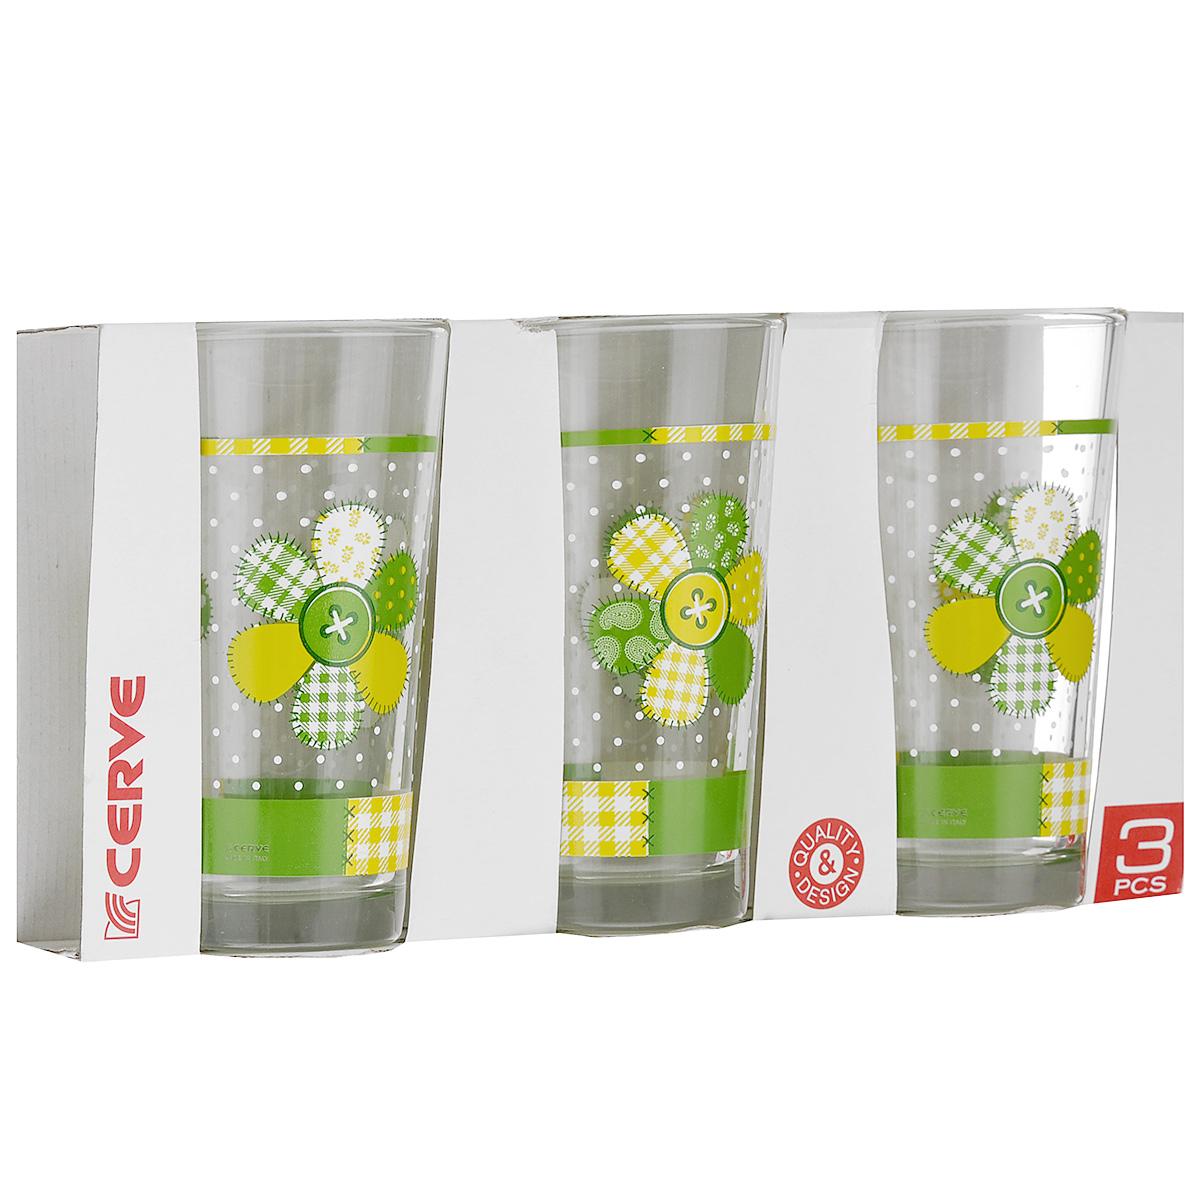 Набор стаканов Cerve Лотос, 250 мл, 3 штCED25220Набор Cerve Лотос состоит из 3 стаканов, изготовленных из высококачественного стекла. Изделия оформлены изображениями цветов. Такой набор идеально подойдет для сервировки стола и станет отличным подарком к любому празднику. Разрешается мыть в посудомоечной машине. Диаметр стакана (по верхнему краю): 5,5 см. Высота стакана: 12 см.